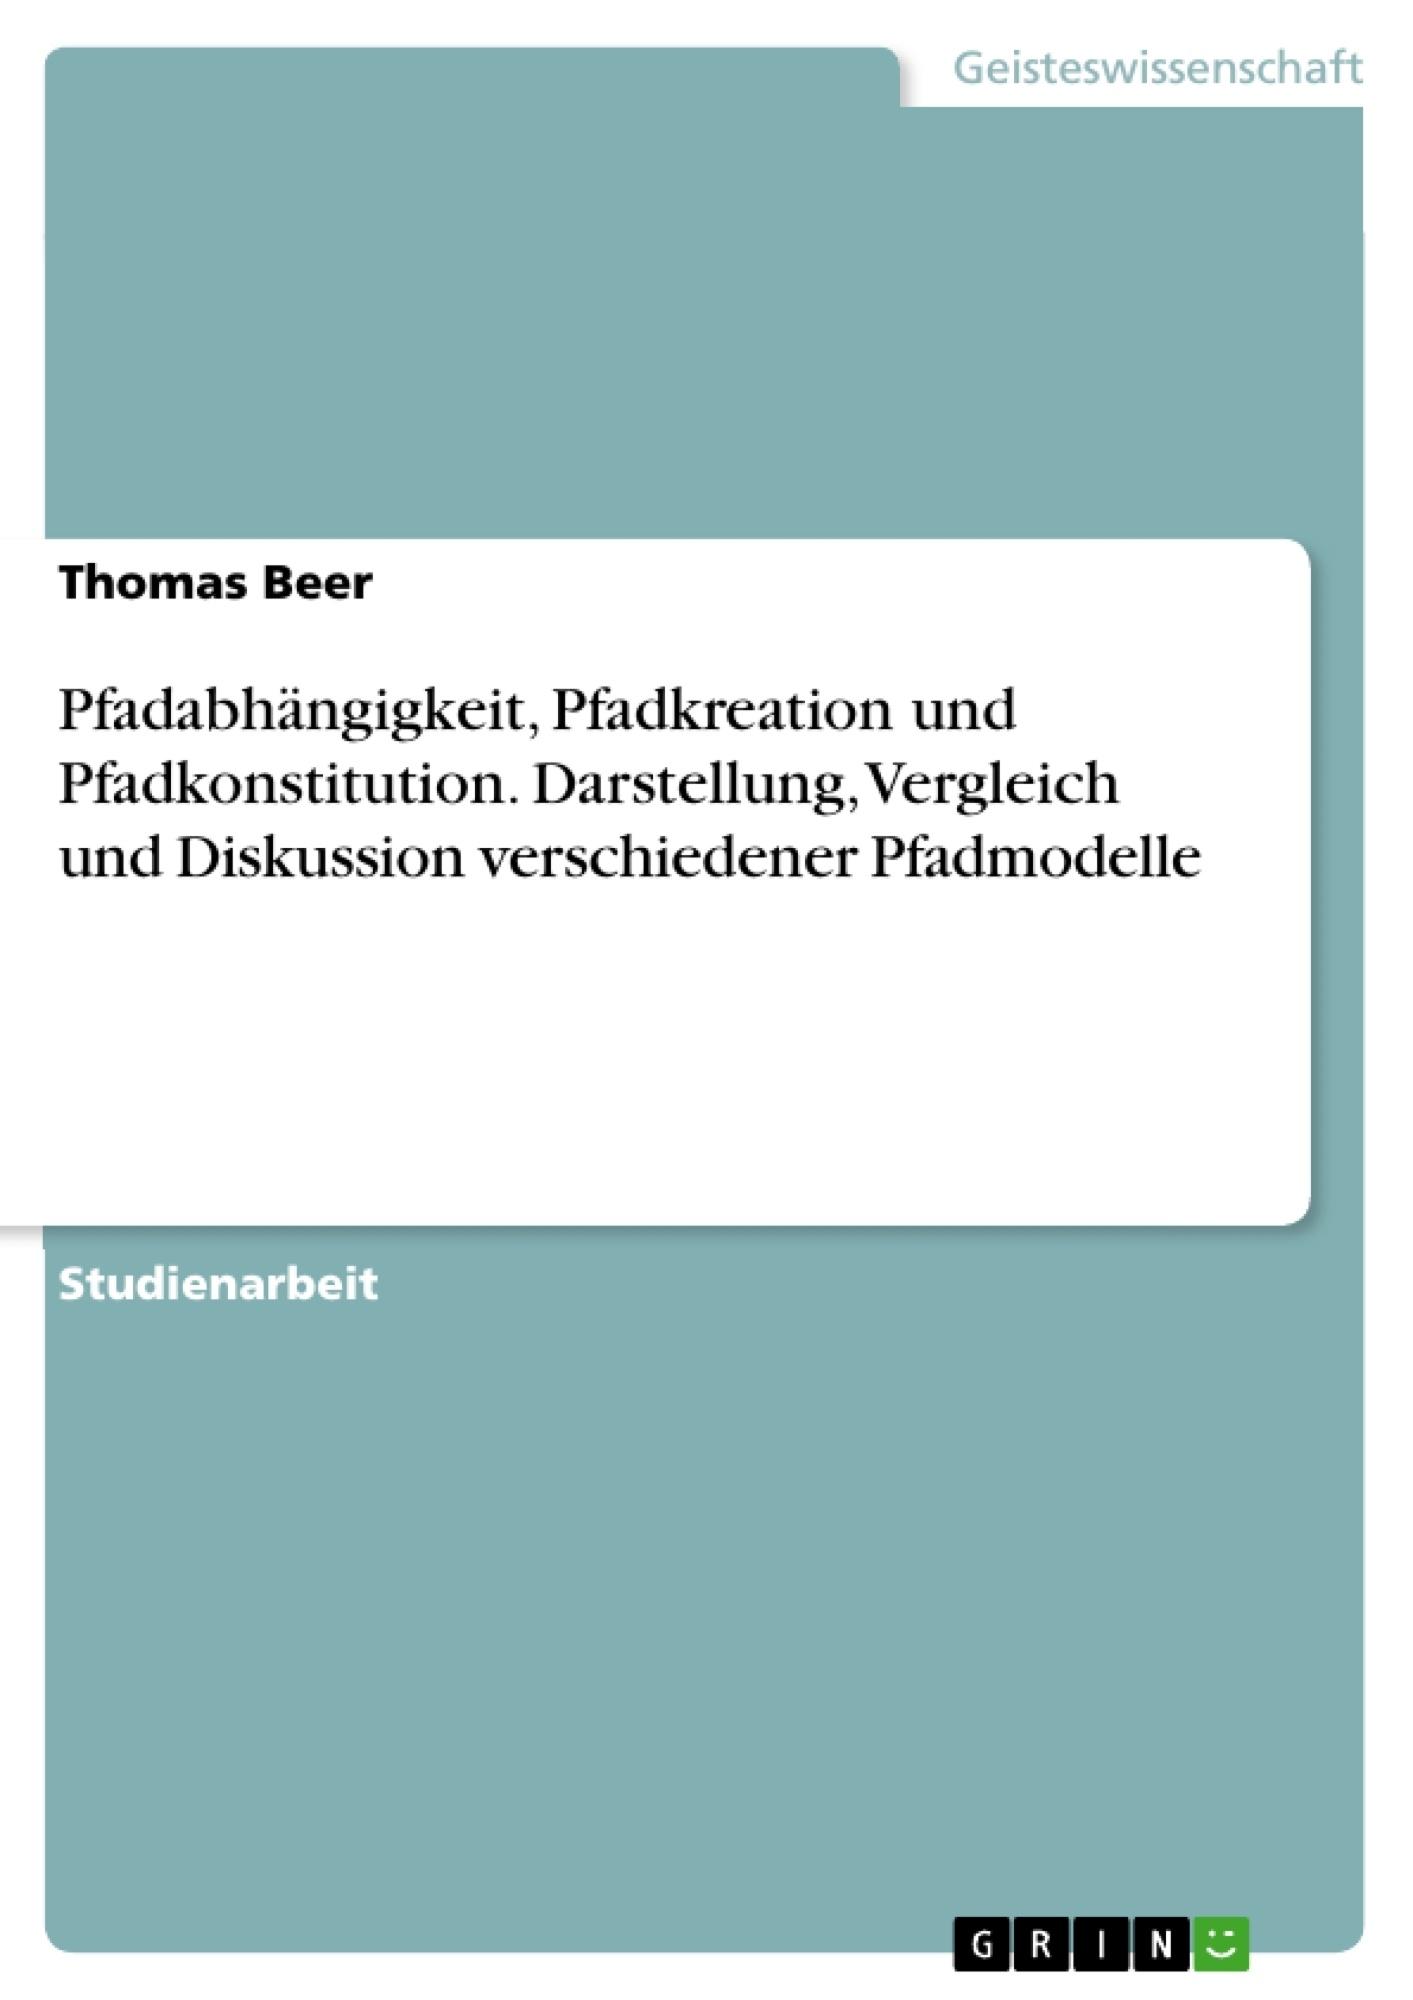 Titel: Pfadabhängigkeit, Pfadkreation und Pfadkonstitution. Darstellung, Vergleich und Diskussion verschiedener Pfadmodelle